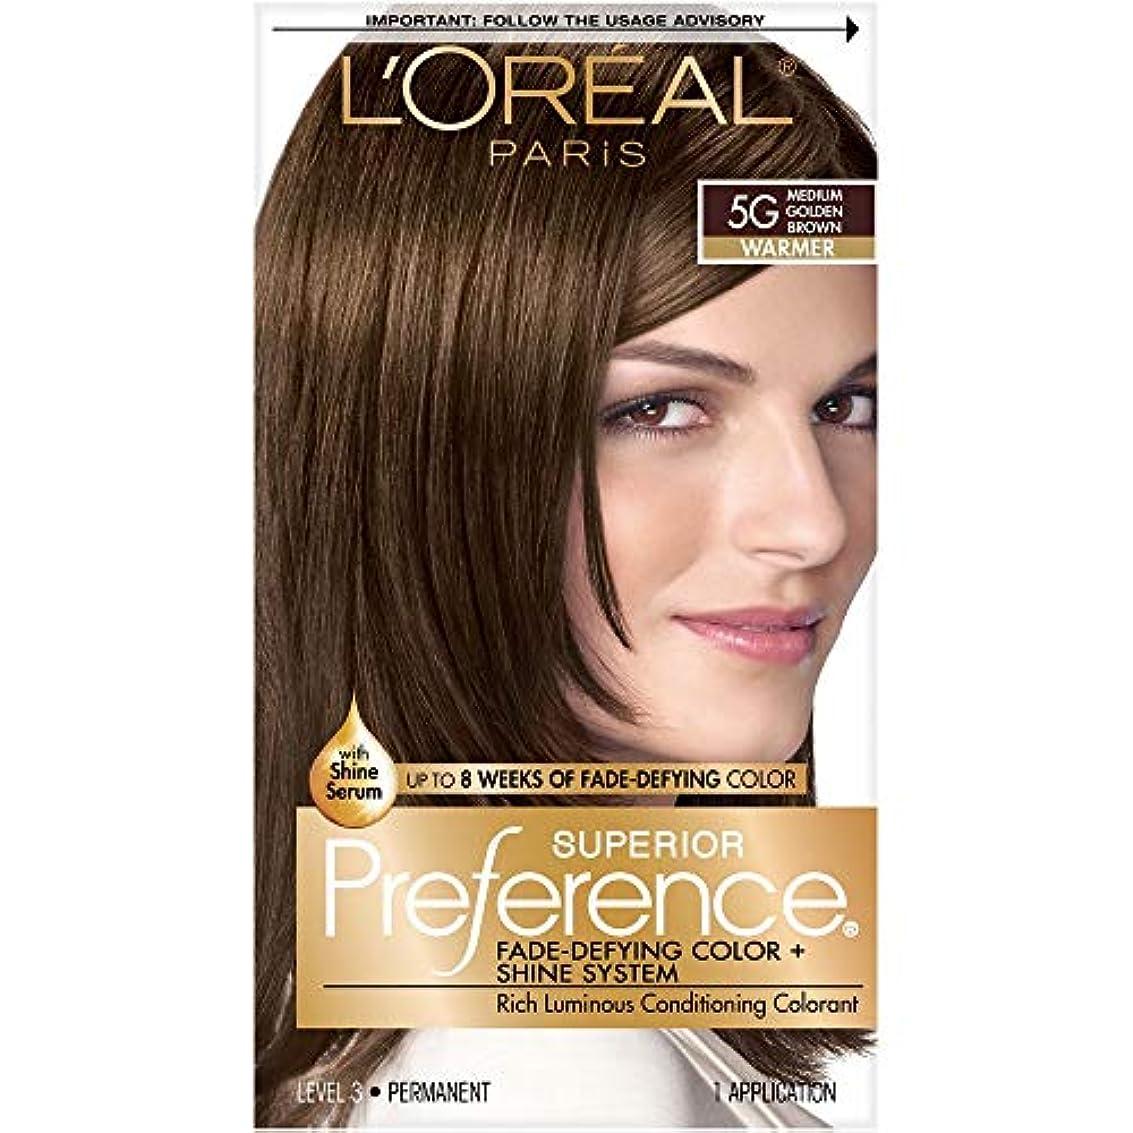 横に証明する最も早い海外直送肘 LOreal Superior Preference Hair Color 5G Medium Golden Brown, Medium Golden Brown 1 each